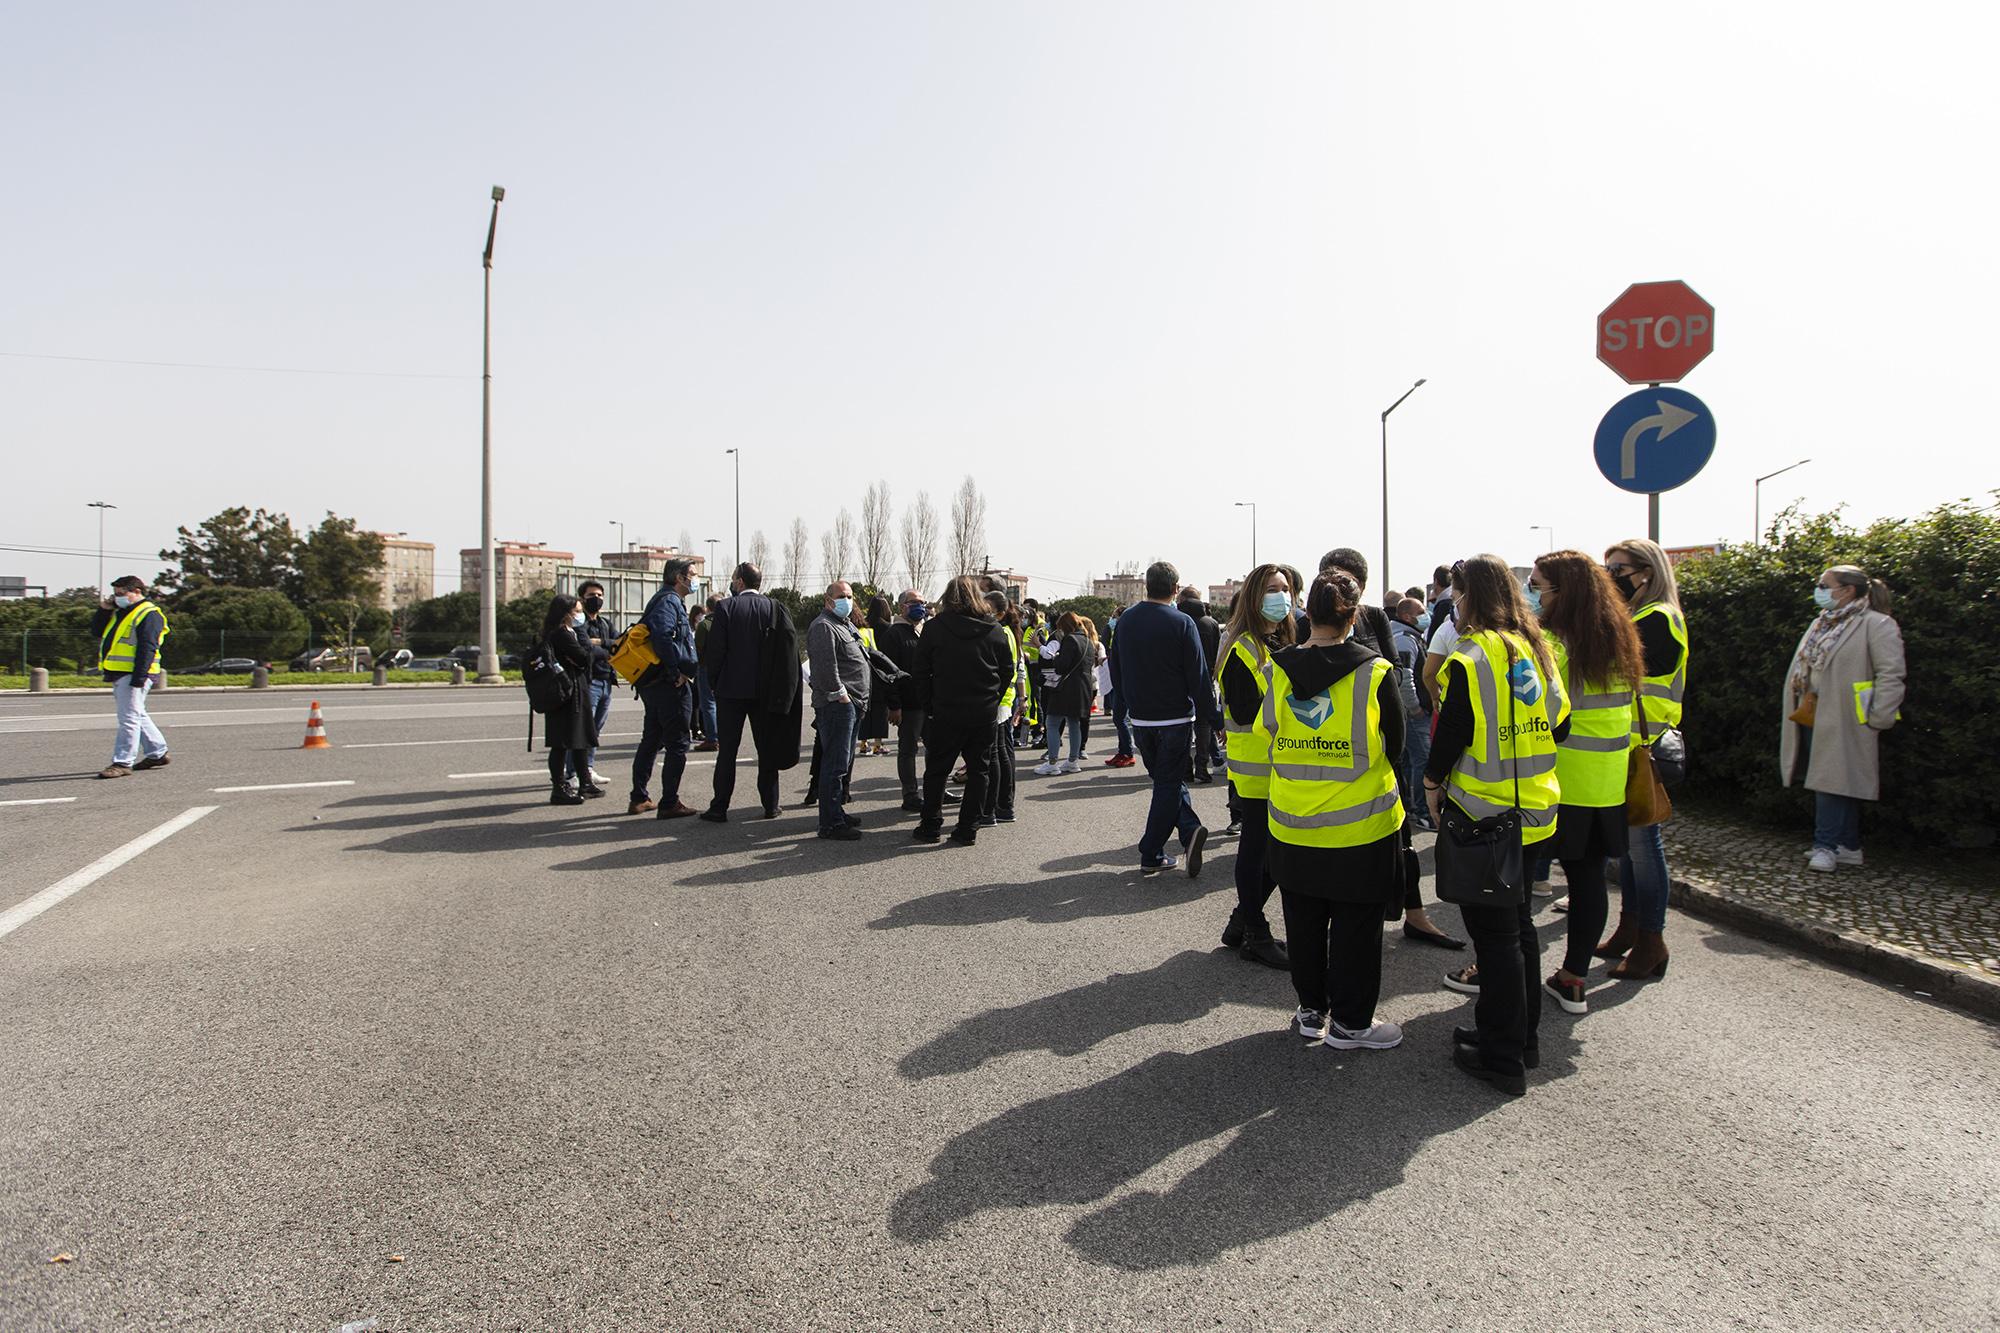 Trabalhadores da Groundforce manifestam-se em frente à sede da empresa - 03MAR21